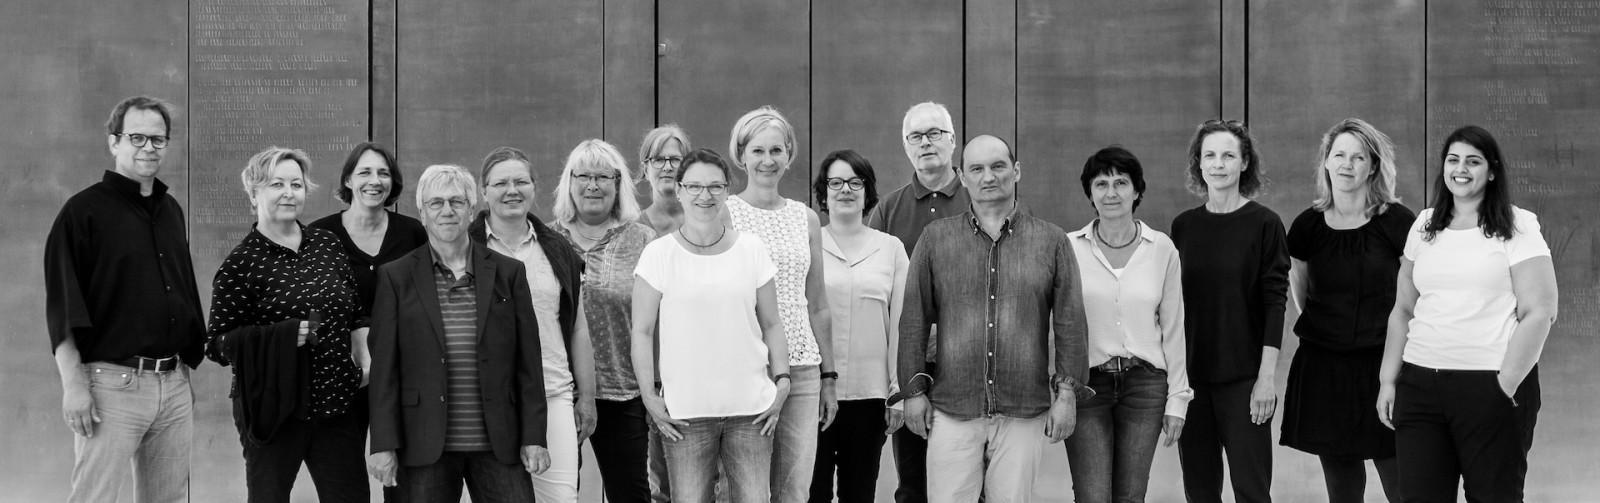 lup-architekten Hamburg-Ottensen (Teamfoto)